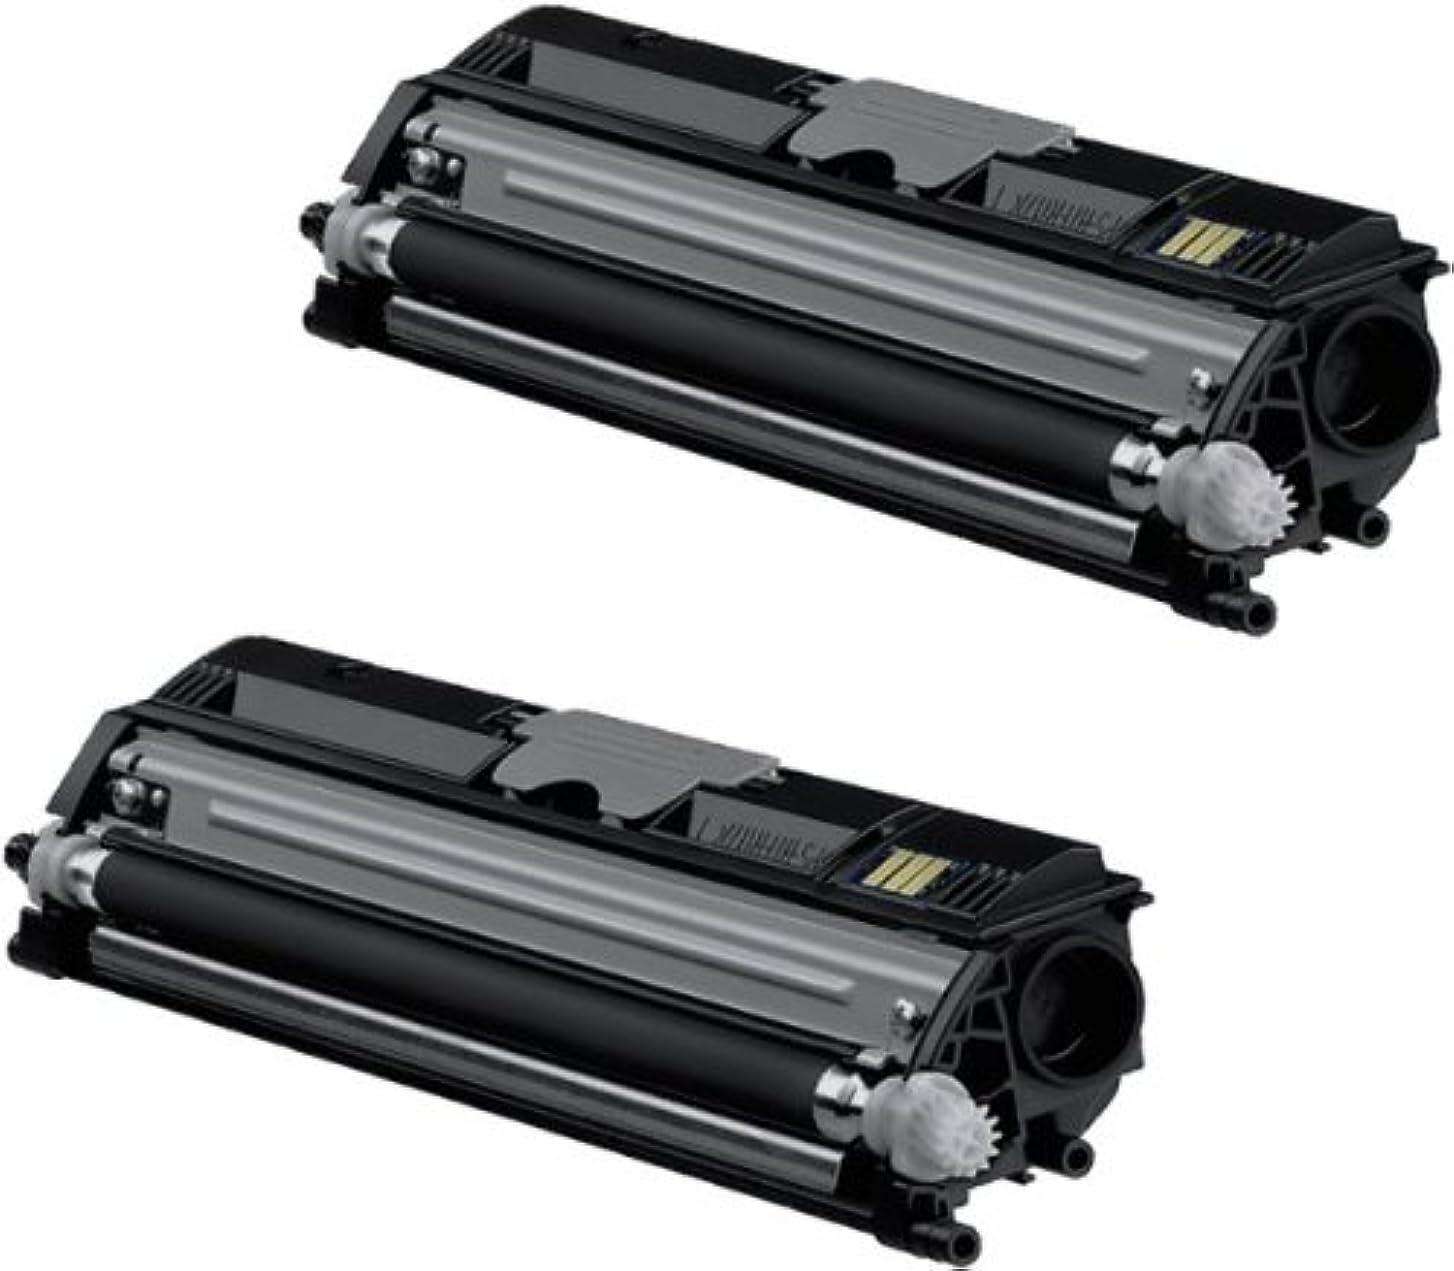 マウンドカリングスローコニカミノルタ magicolor 1600シリーズ ブラック(2本入) 大容量トナーカートリッジ リサイクルトナー KONICA-MINOLTA カラーレーザープリンター複合機用